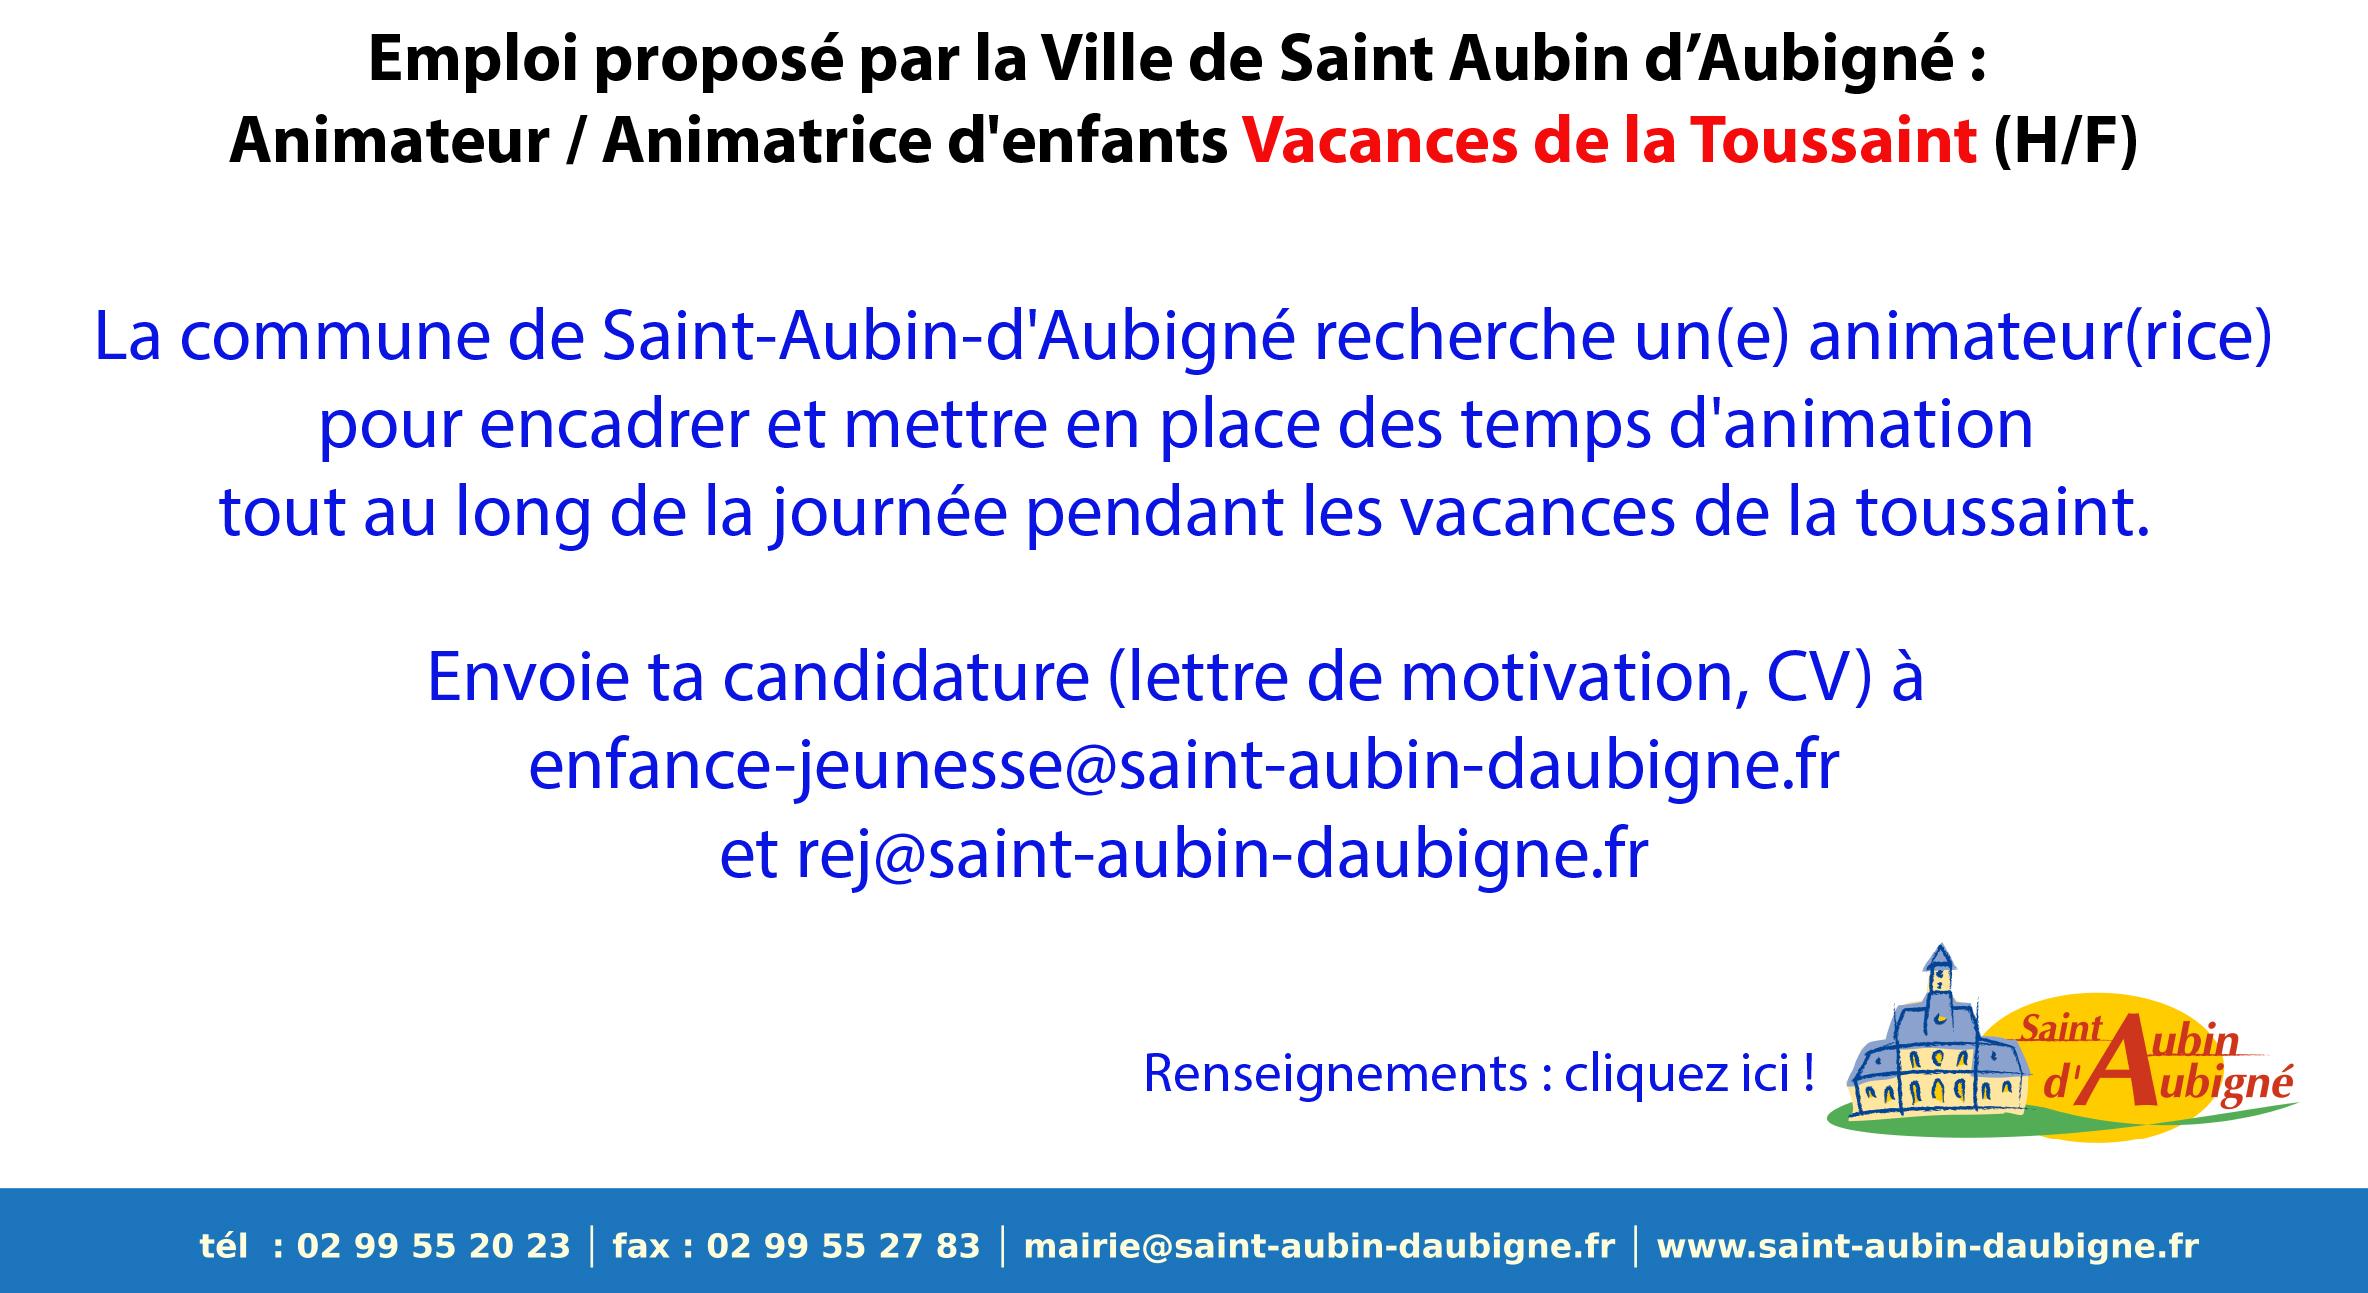 Emploi proposé par la Ville de Saint Aubin d'Aubigné : Animateur / Animatrice d'enfants Vacances de la toussaint (H/F)